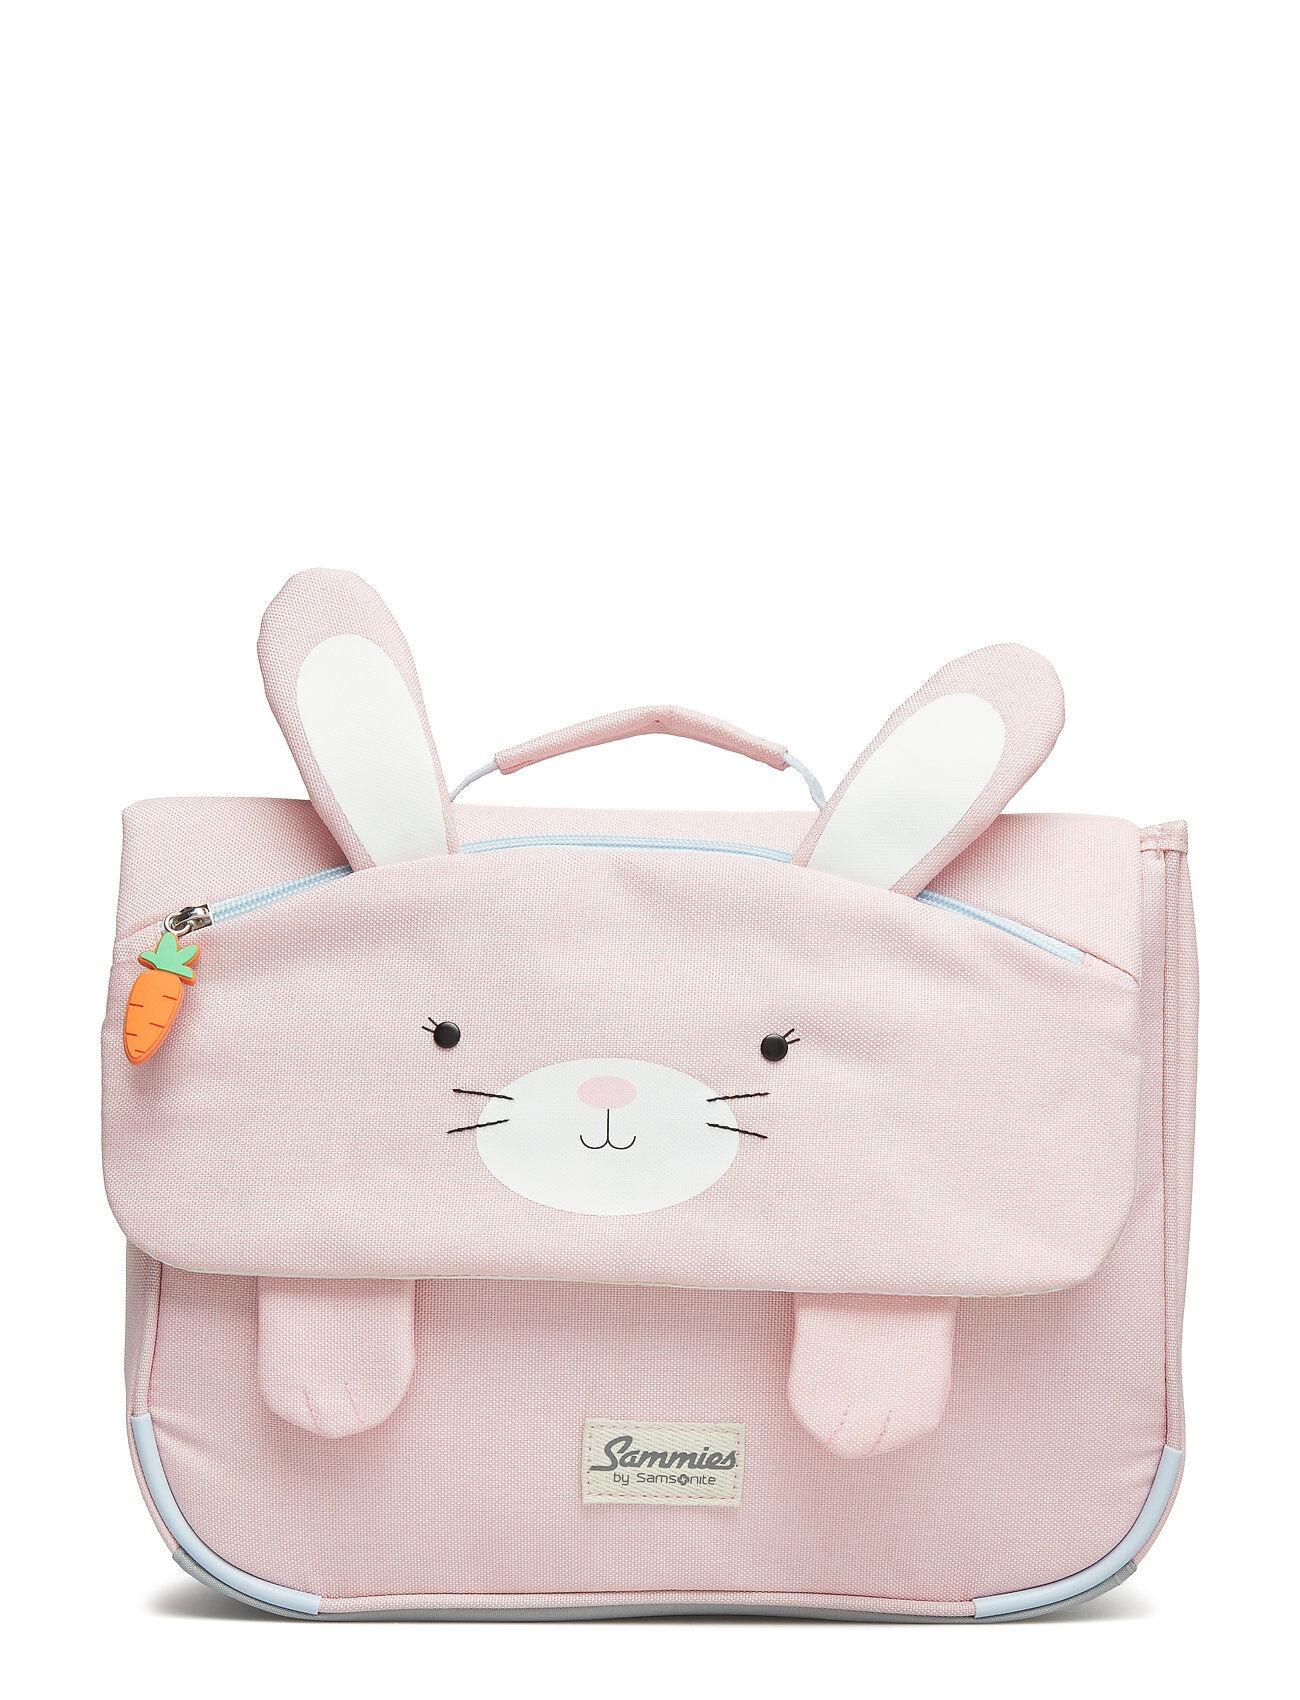 Samsonite Happy Sammies Schoolbag S Rabbit Rosie